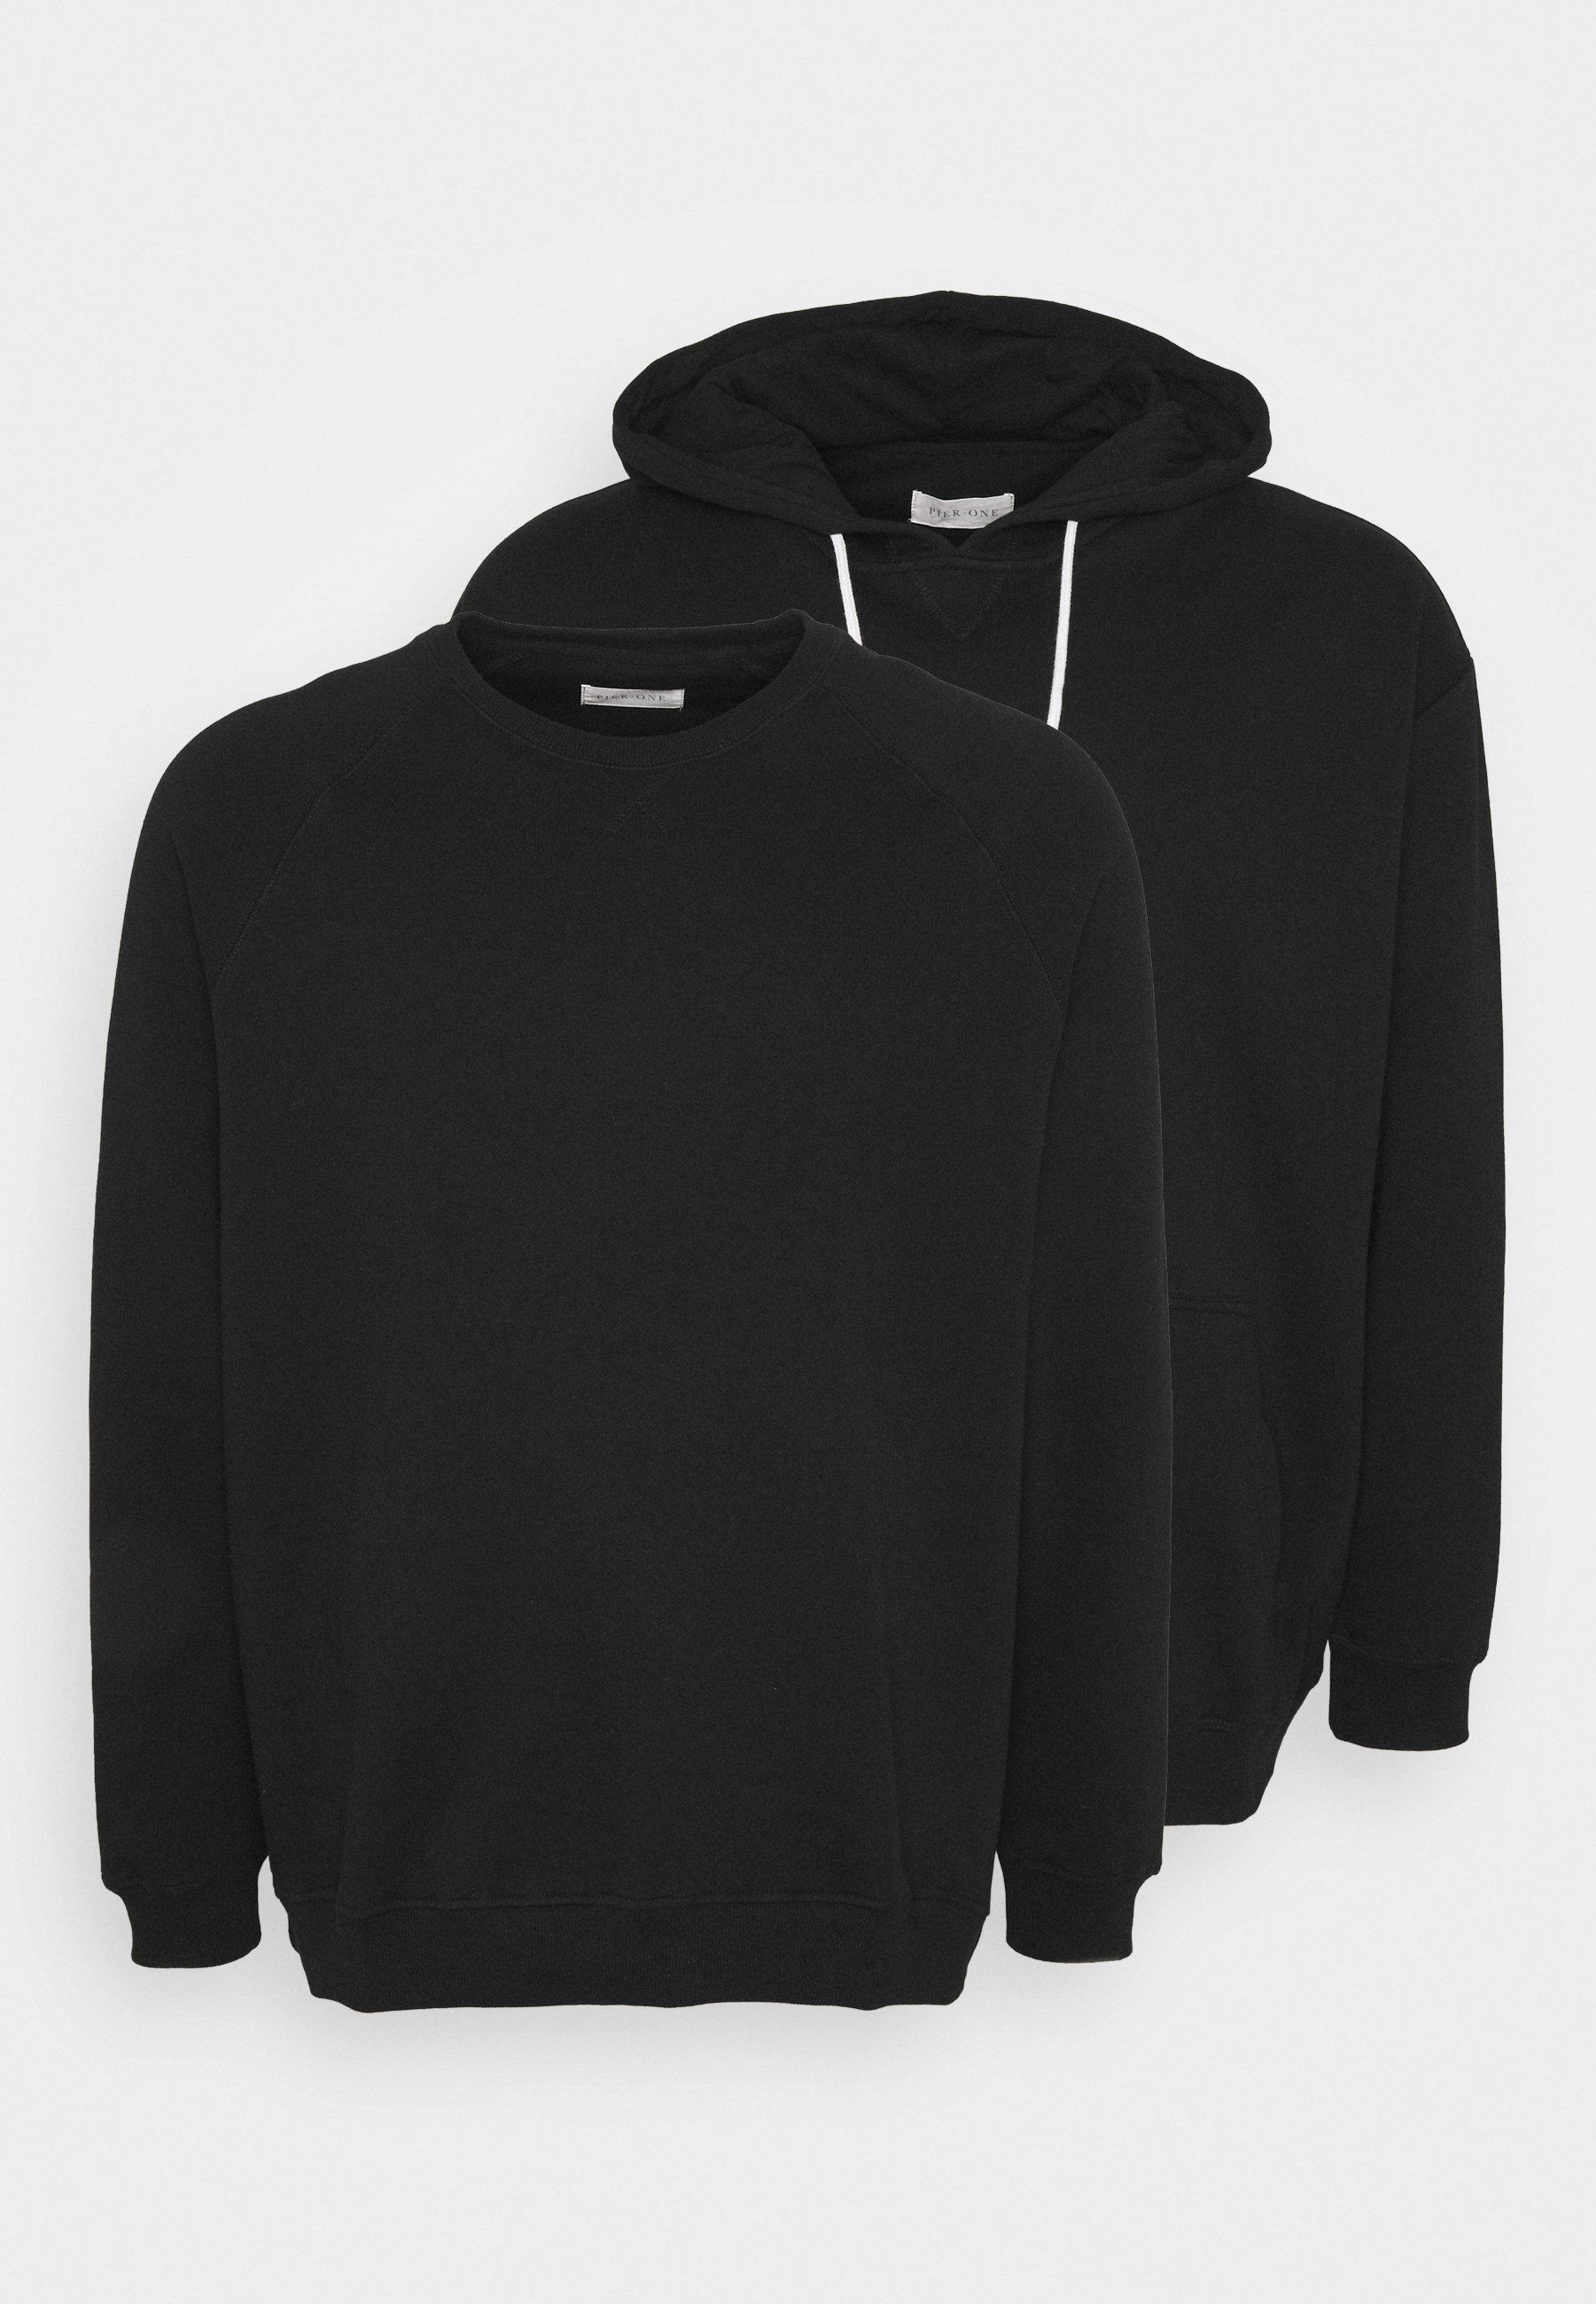 Pier One Sweatshirt - mottled grey